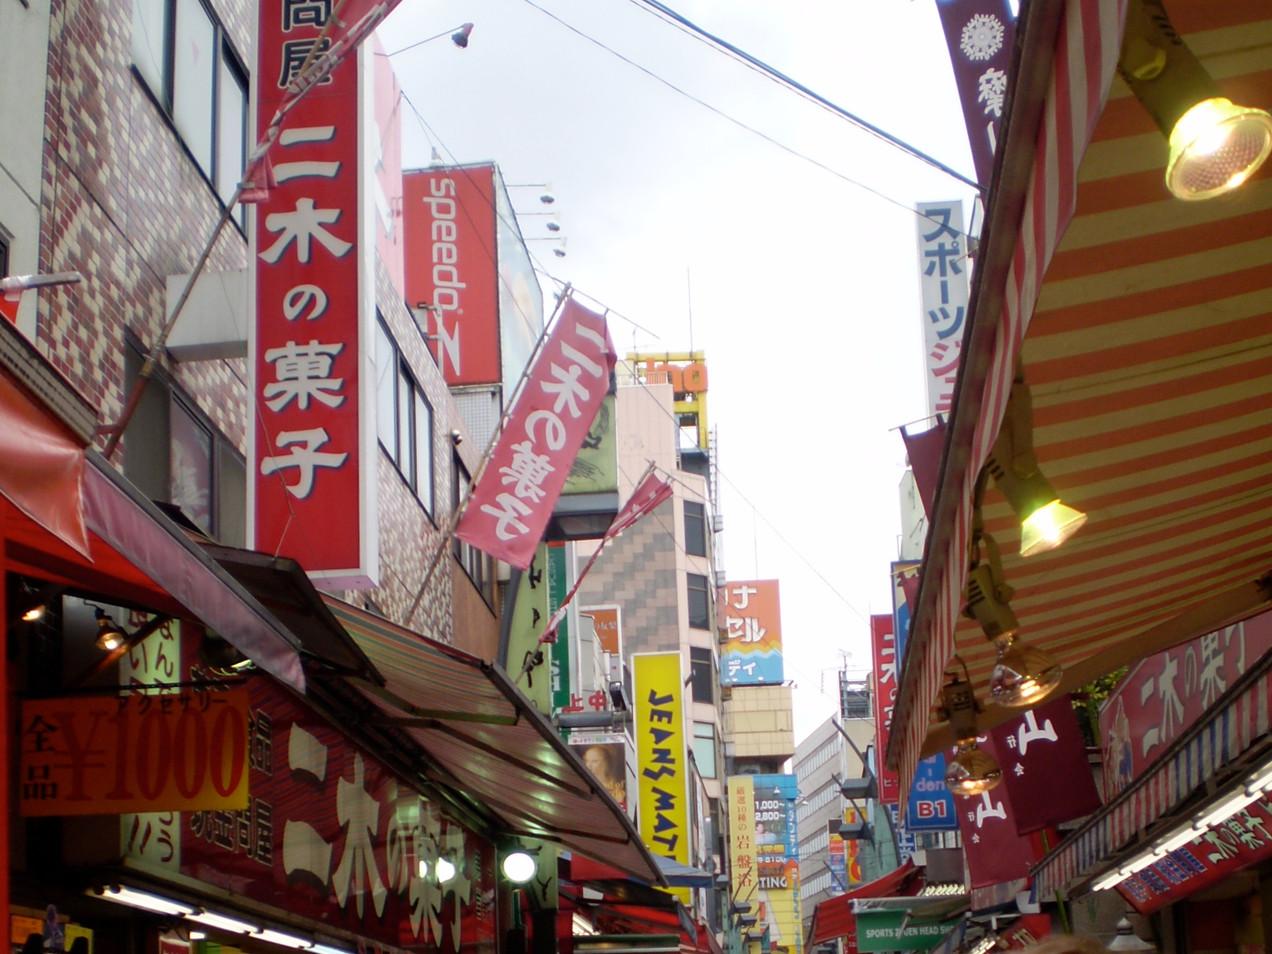 Tokyo Tokio Ueno